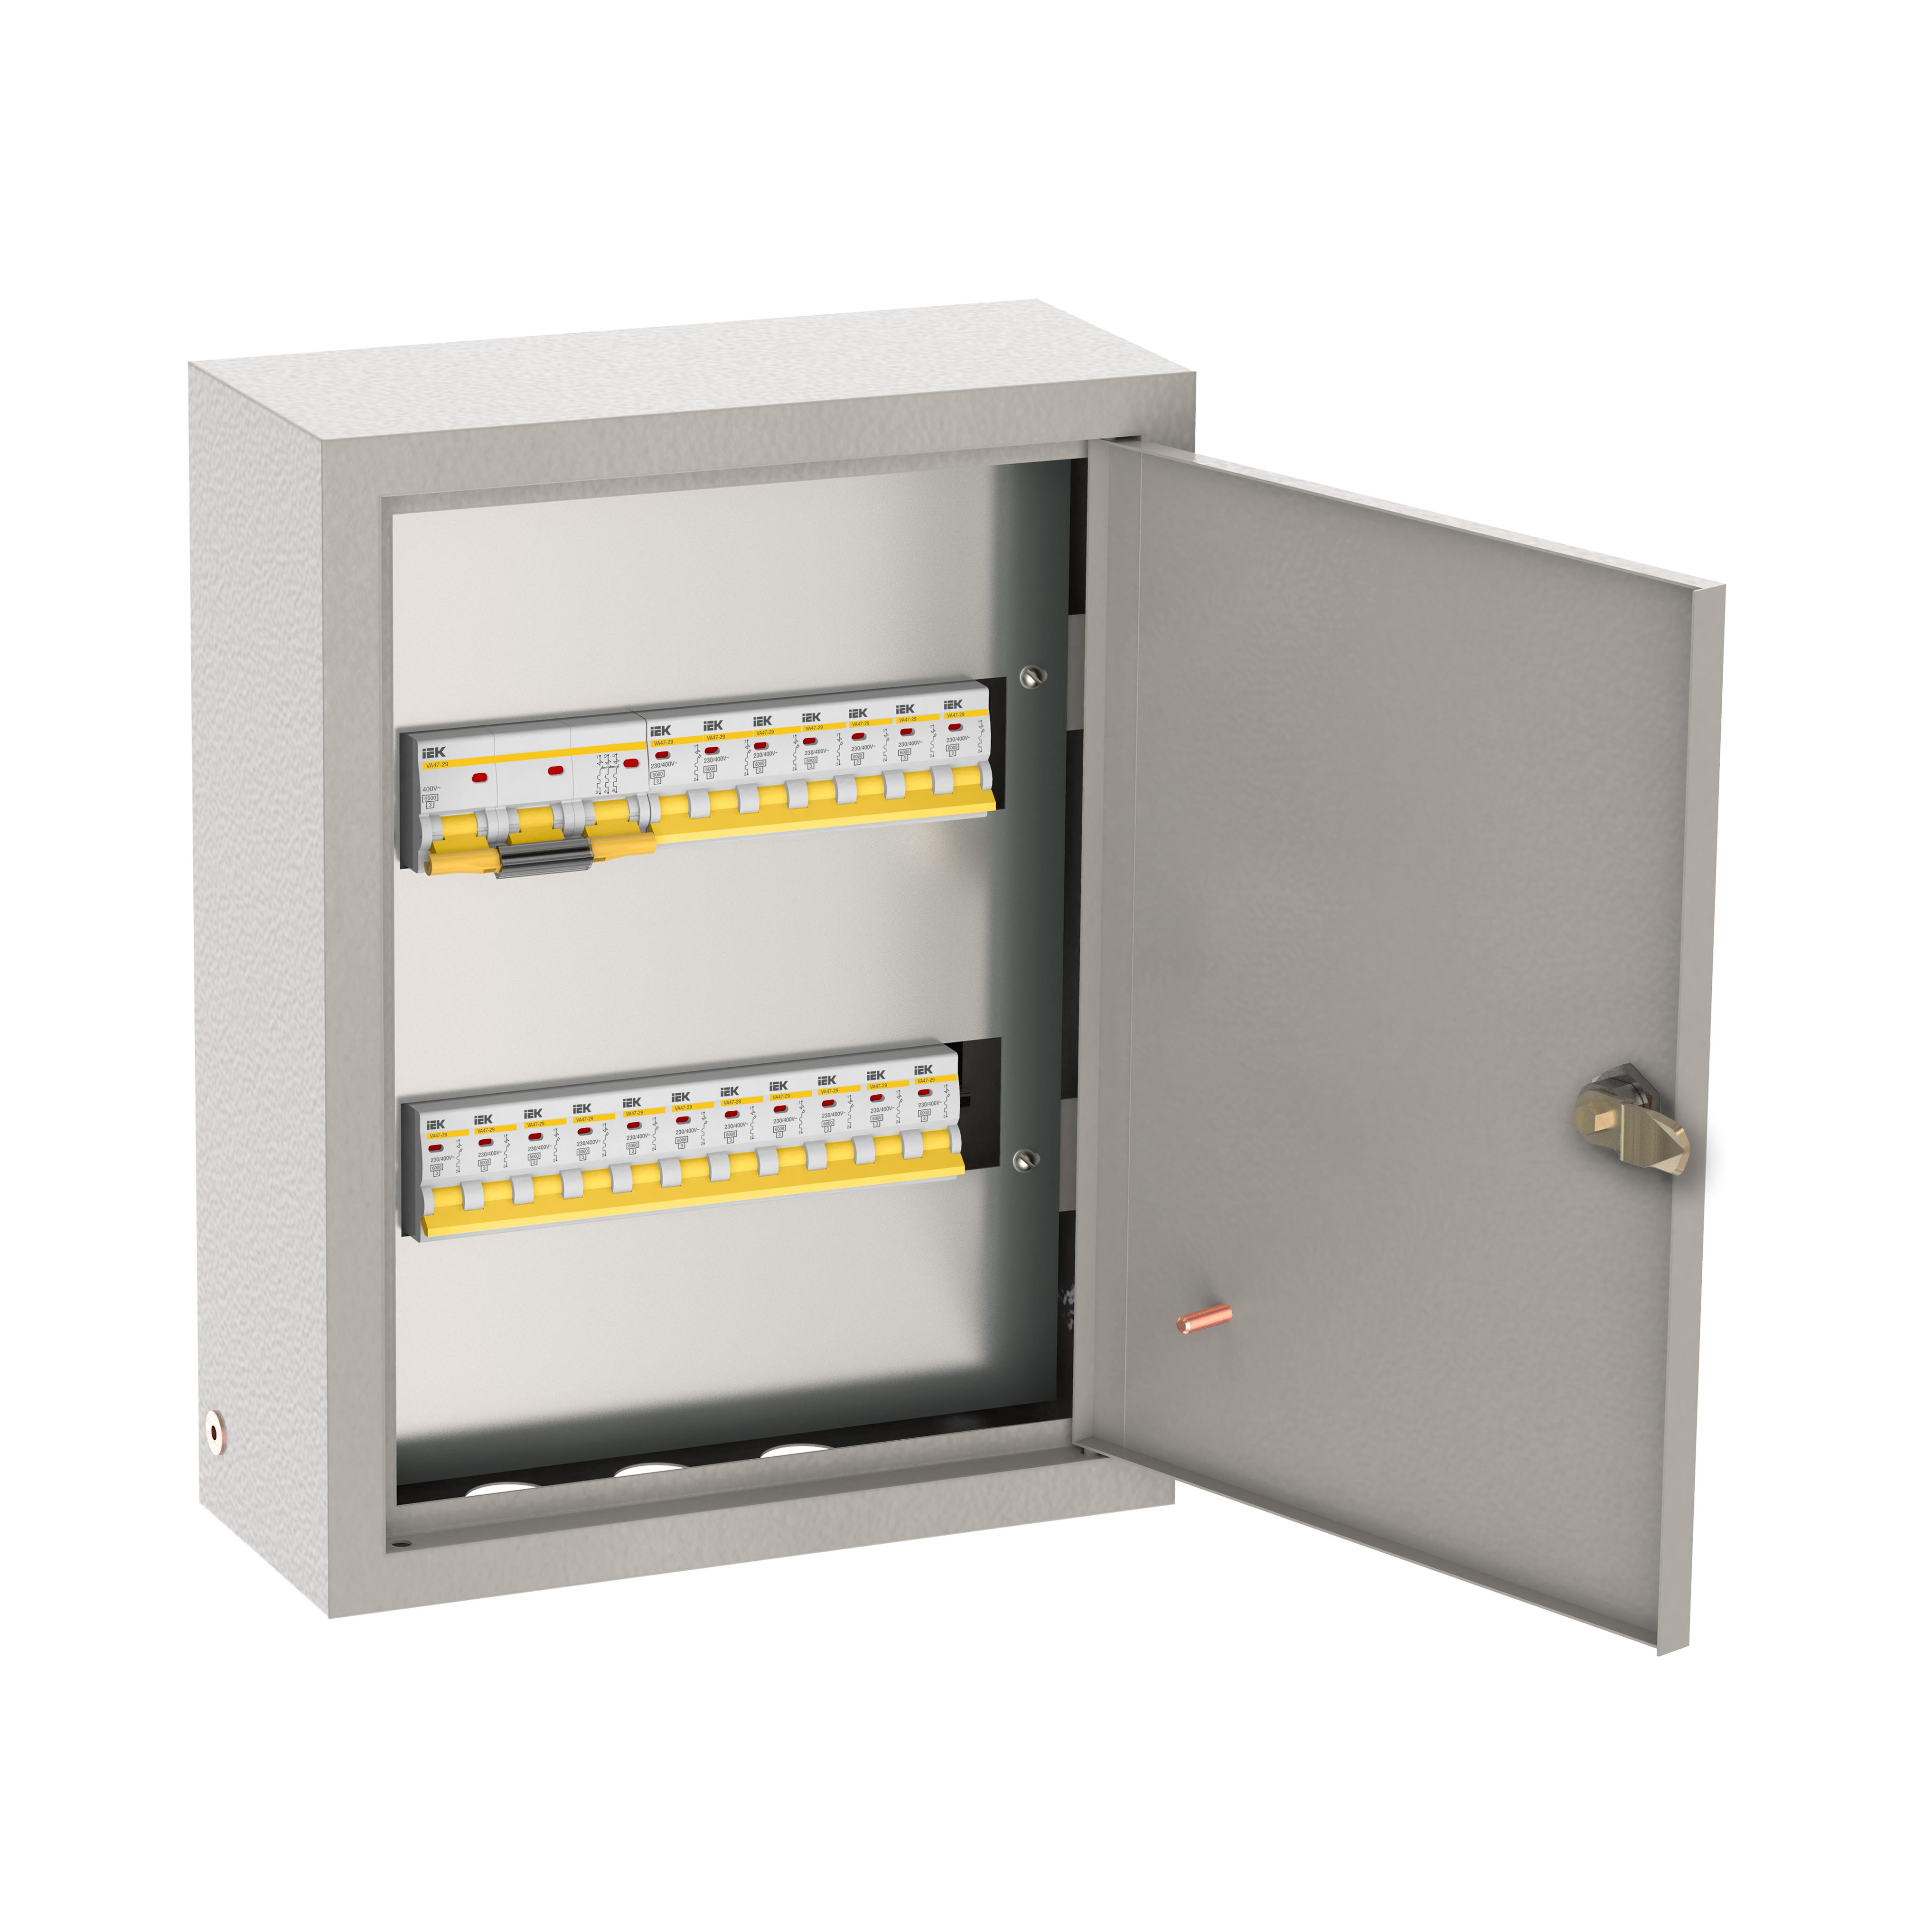 Щиток осветительный ОЩВ навесной с автоматическими выключателями 3p 1х100А 1p 6х25А IEK